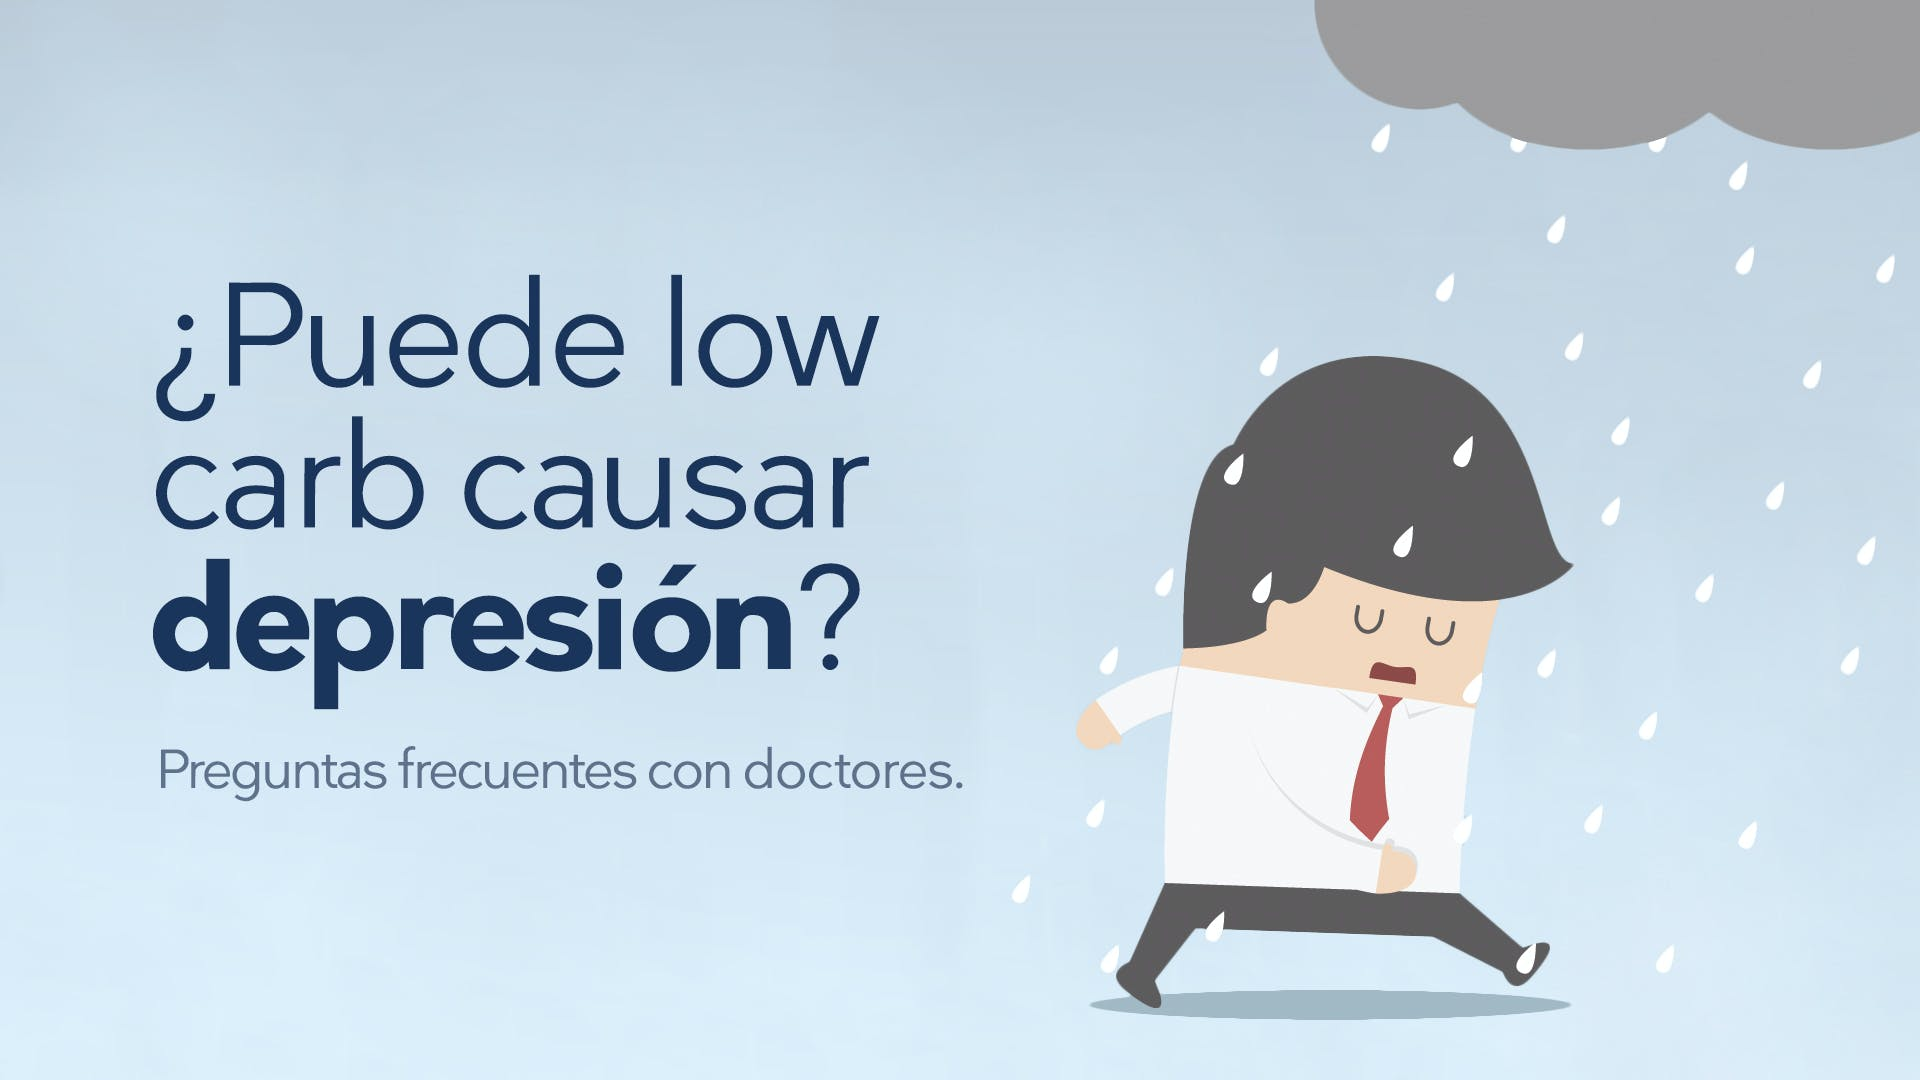 ¿Puede low carb causar depresión?